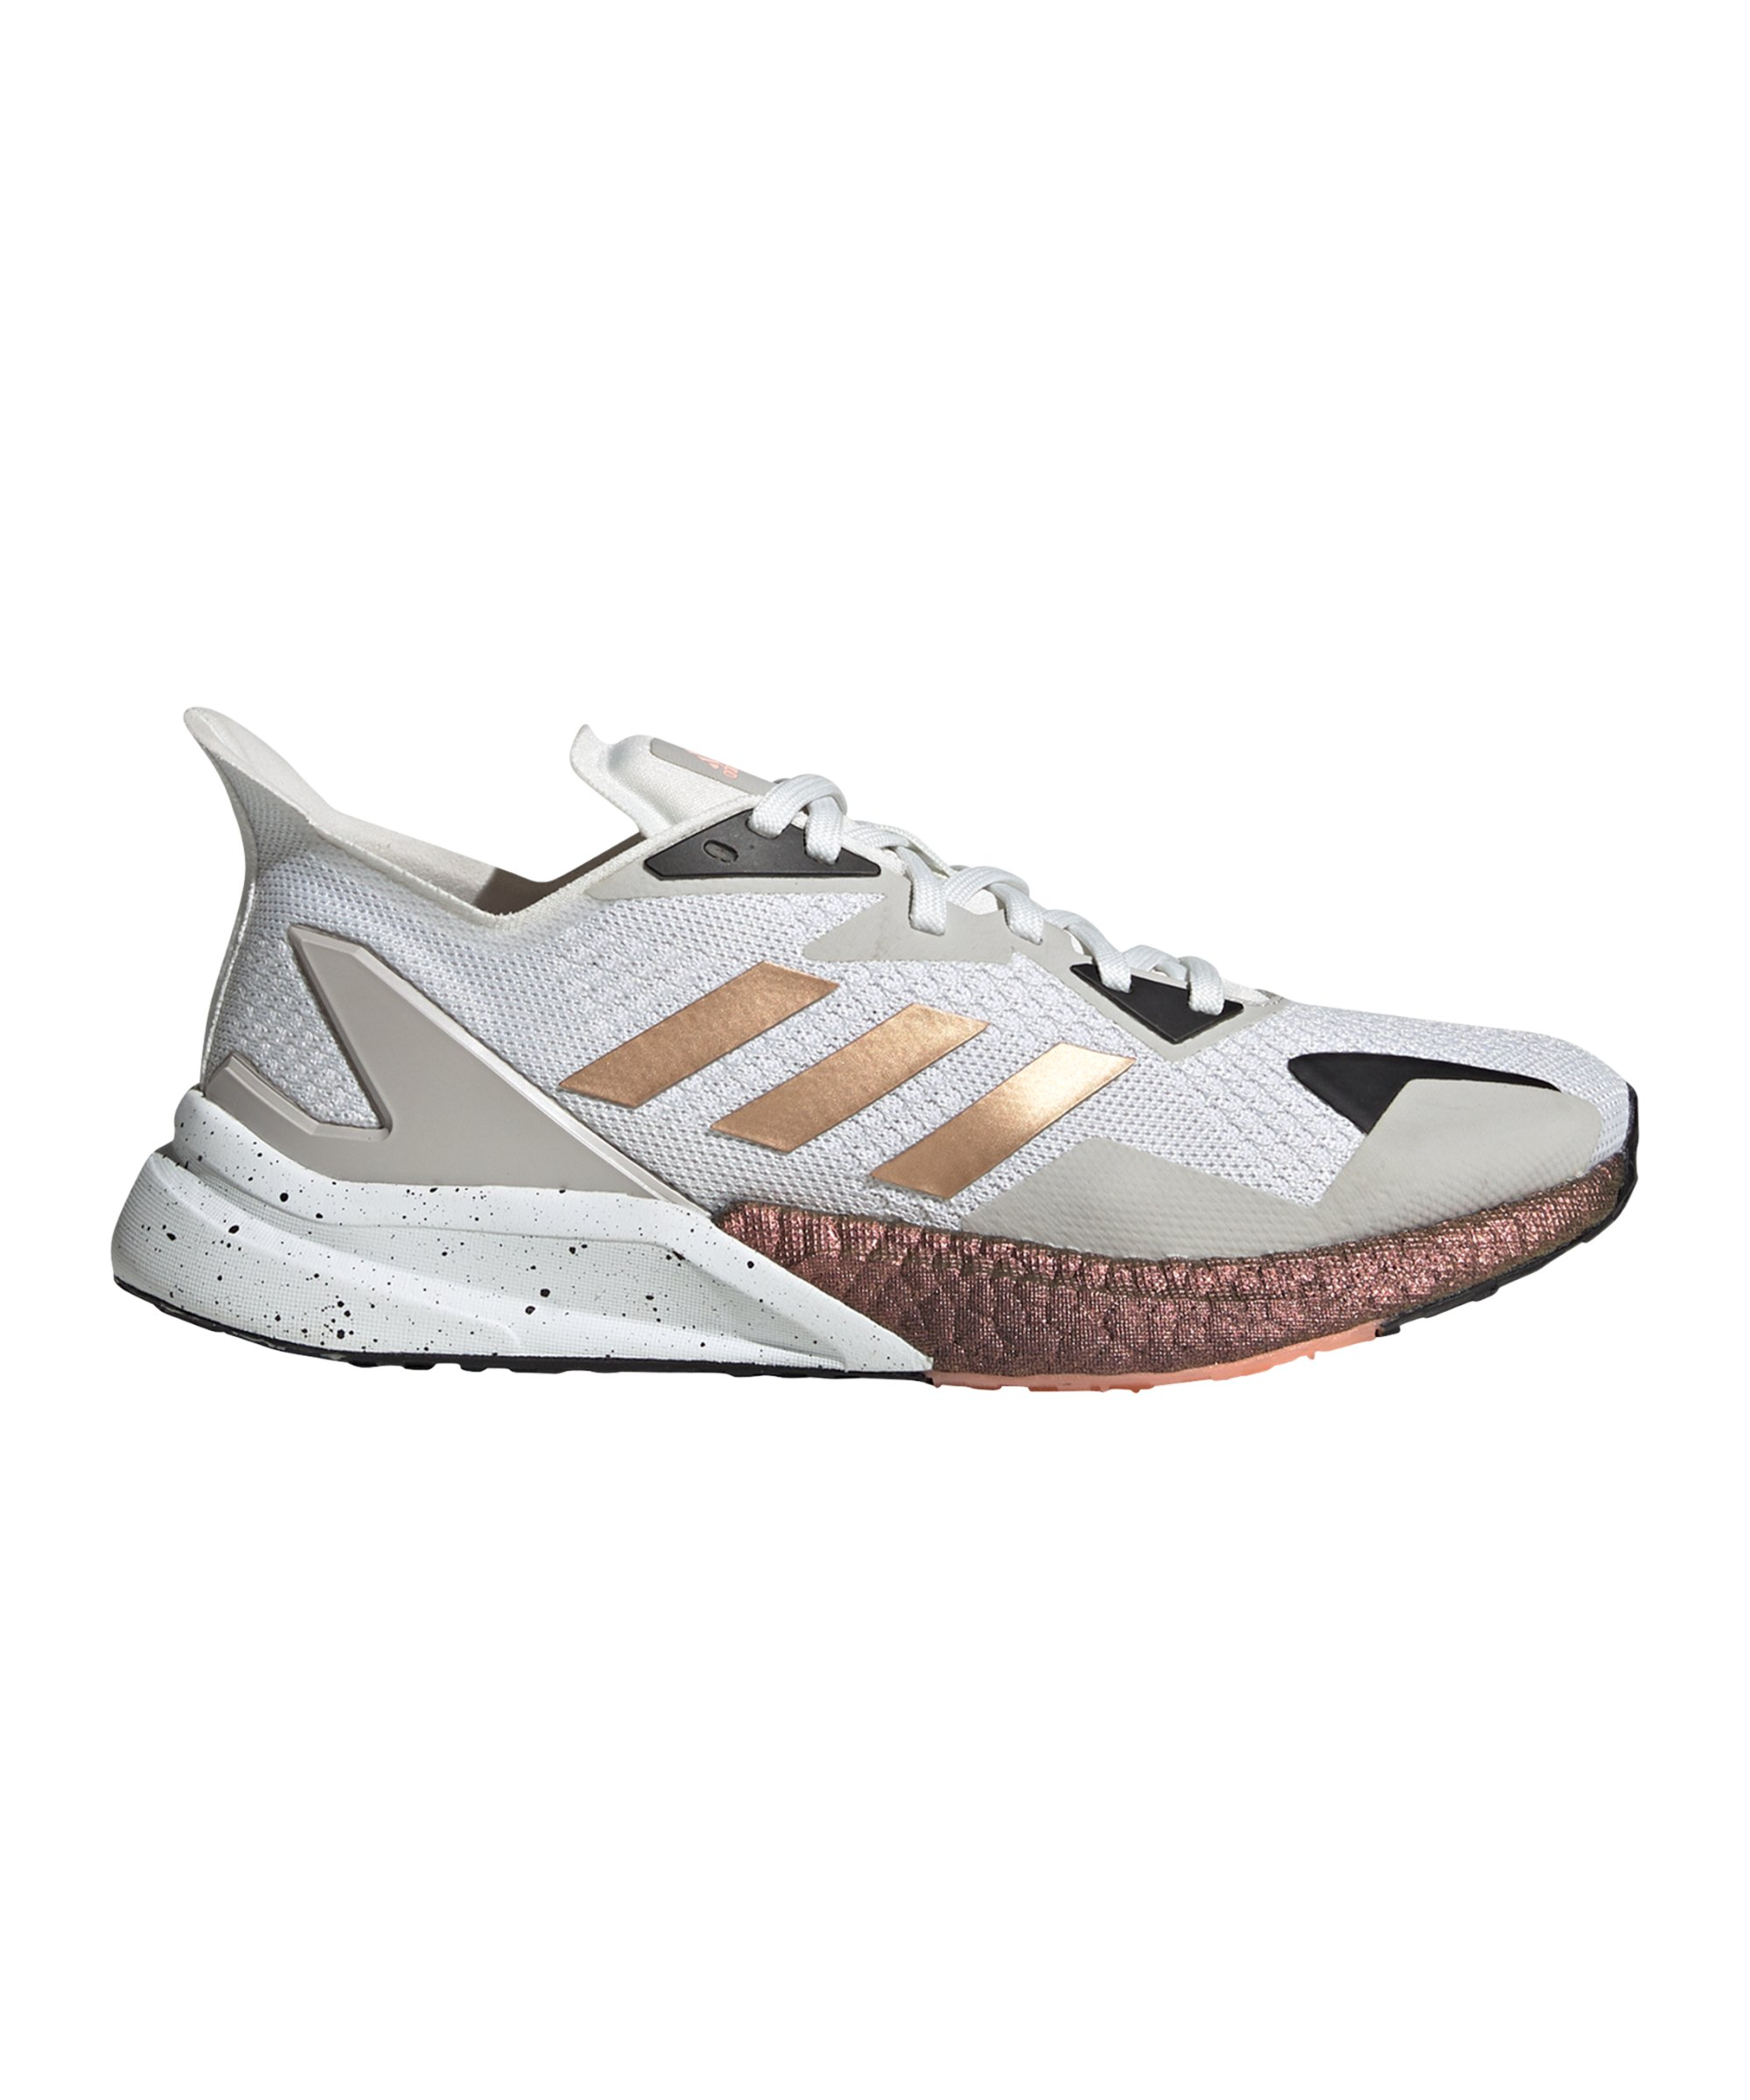 adidas x9000L3 Running Damen Weiss Rosa - weiss